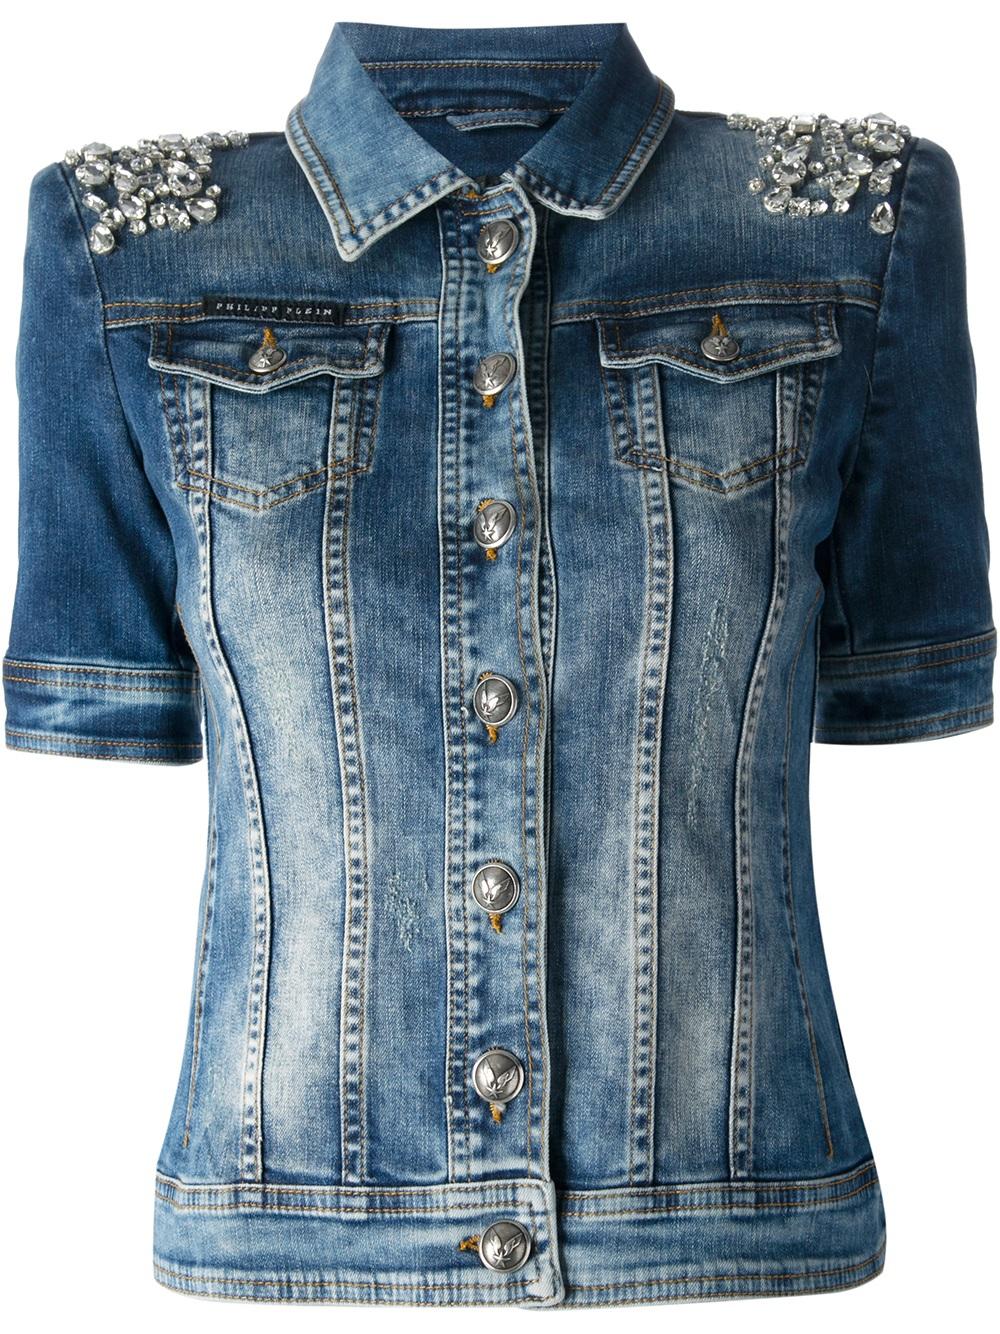 philipp plein crystal embellished stretch denim jacket in. Black Bedroom Furniture Sets. Home Design Ideas